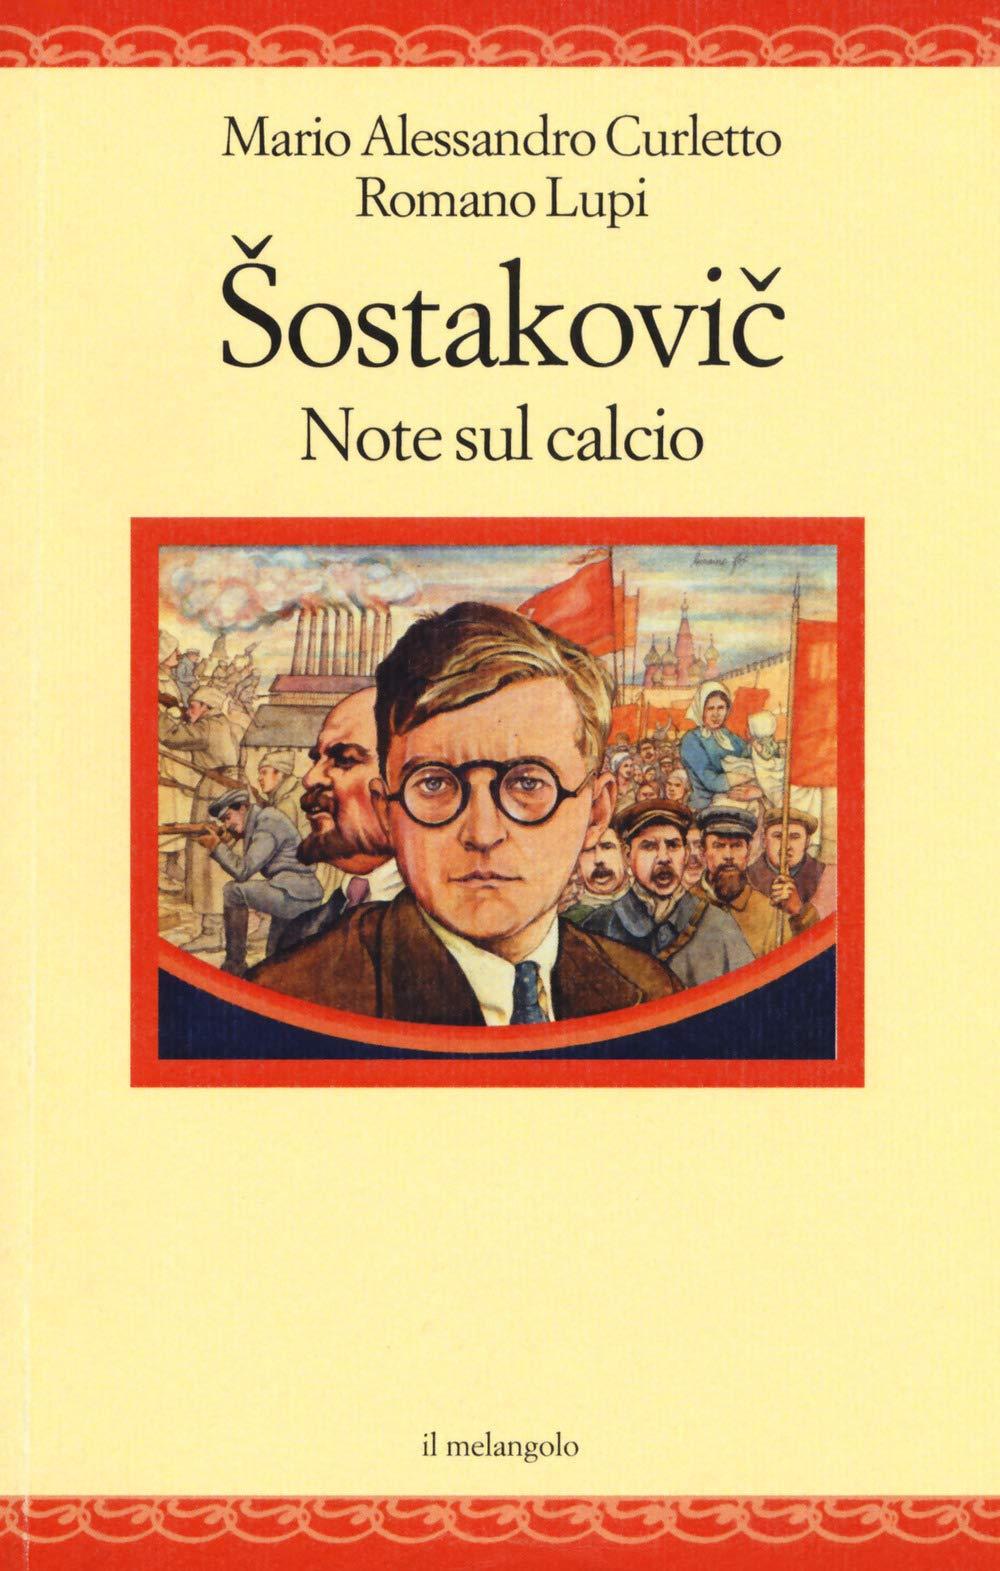 Sostakovic e la sua passione per il calcio in un libro di Curletto & Lupi